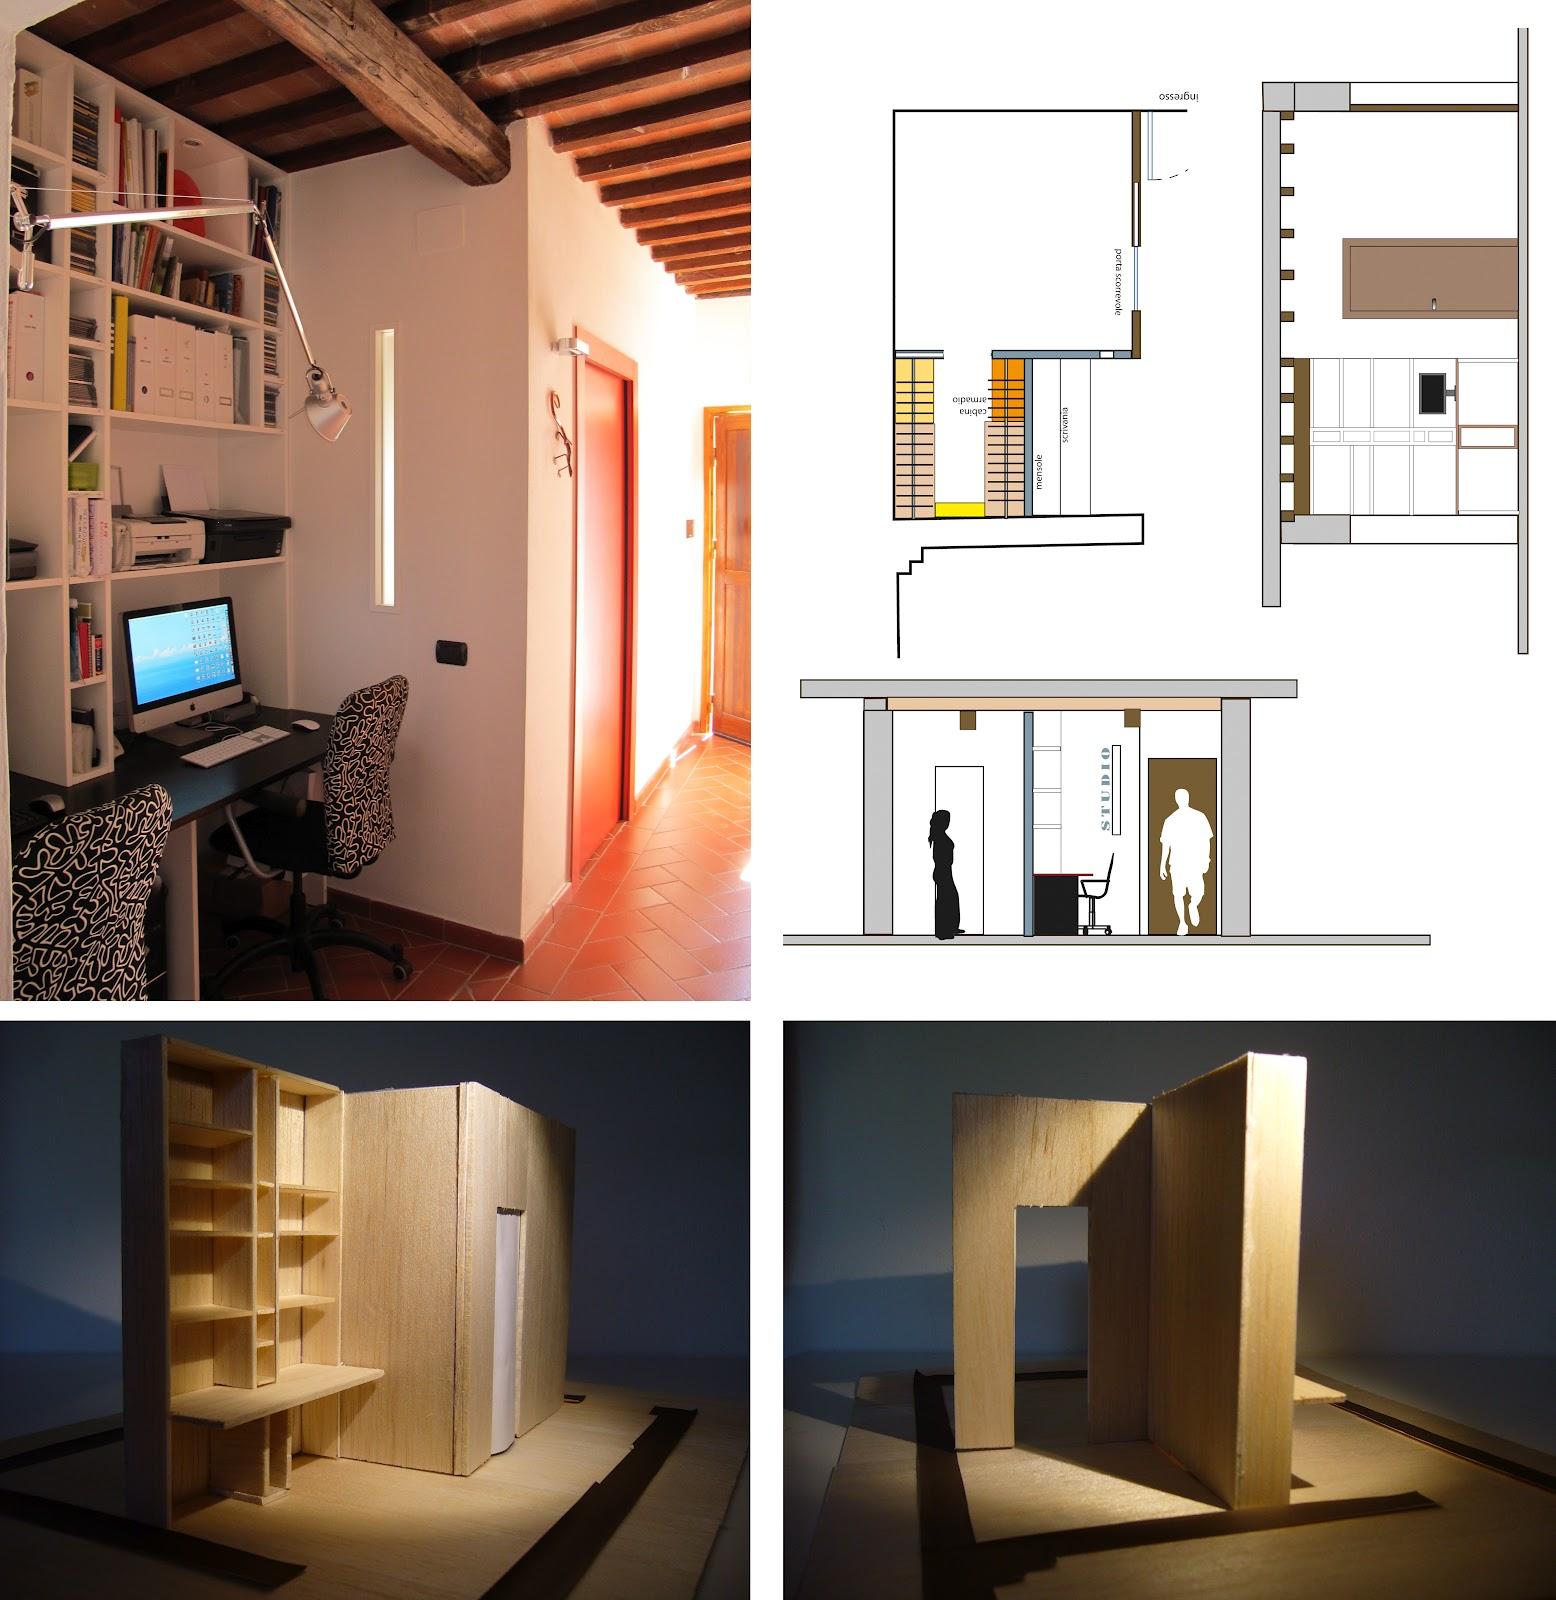 Raffaella gemma interior design postazione lavoro e cabina armadio - Offerte lavoro interior designer roma ...